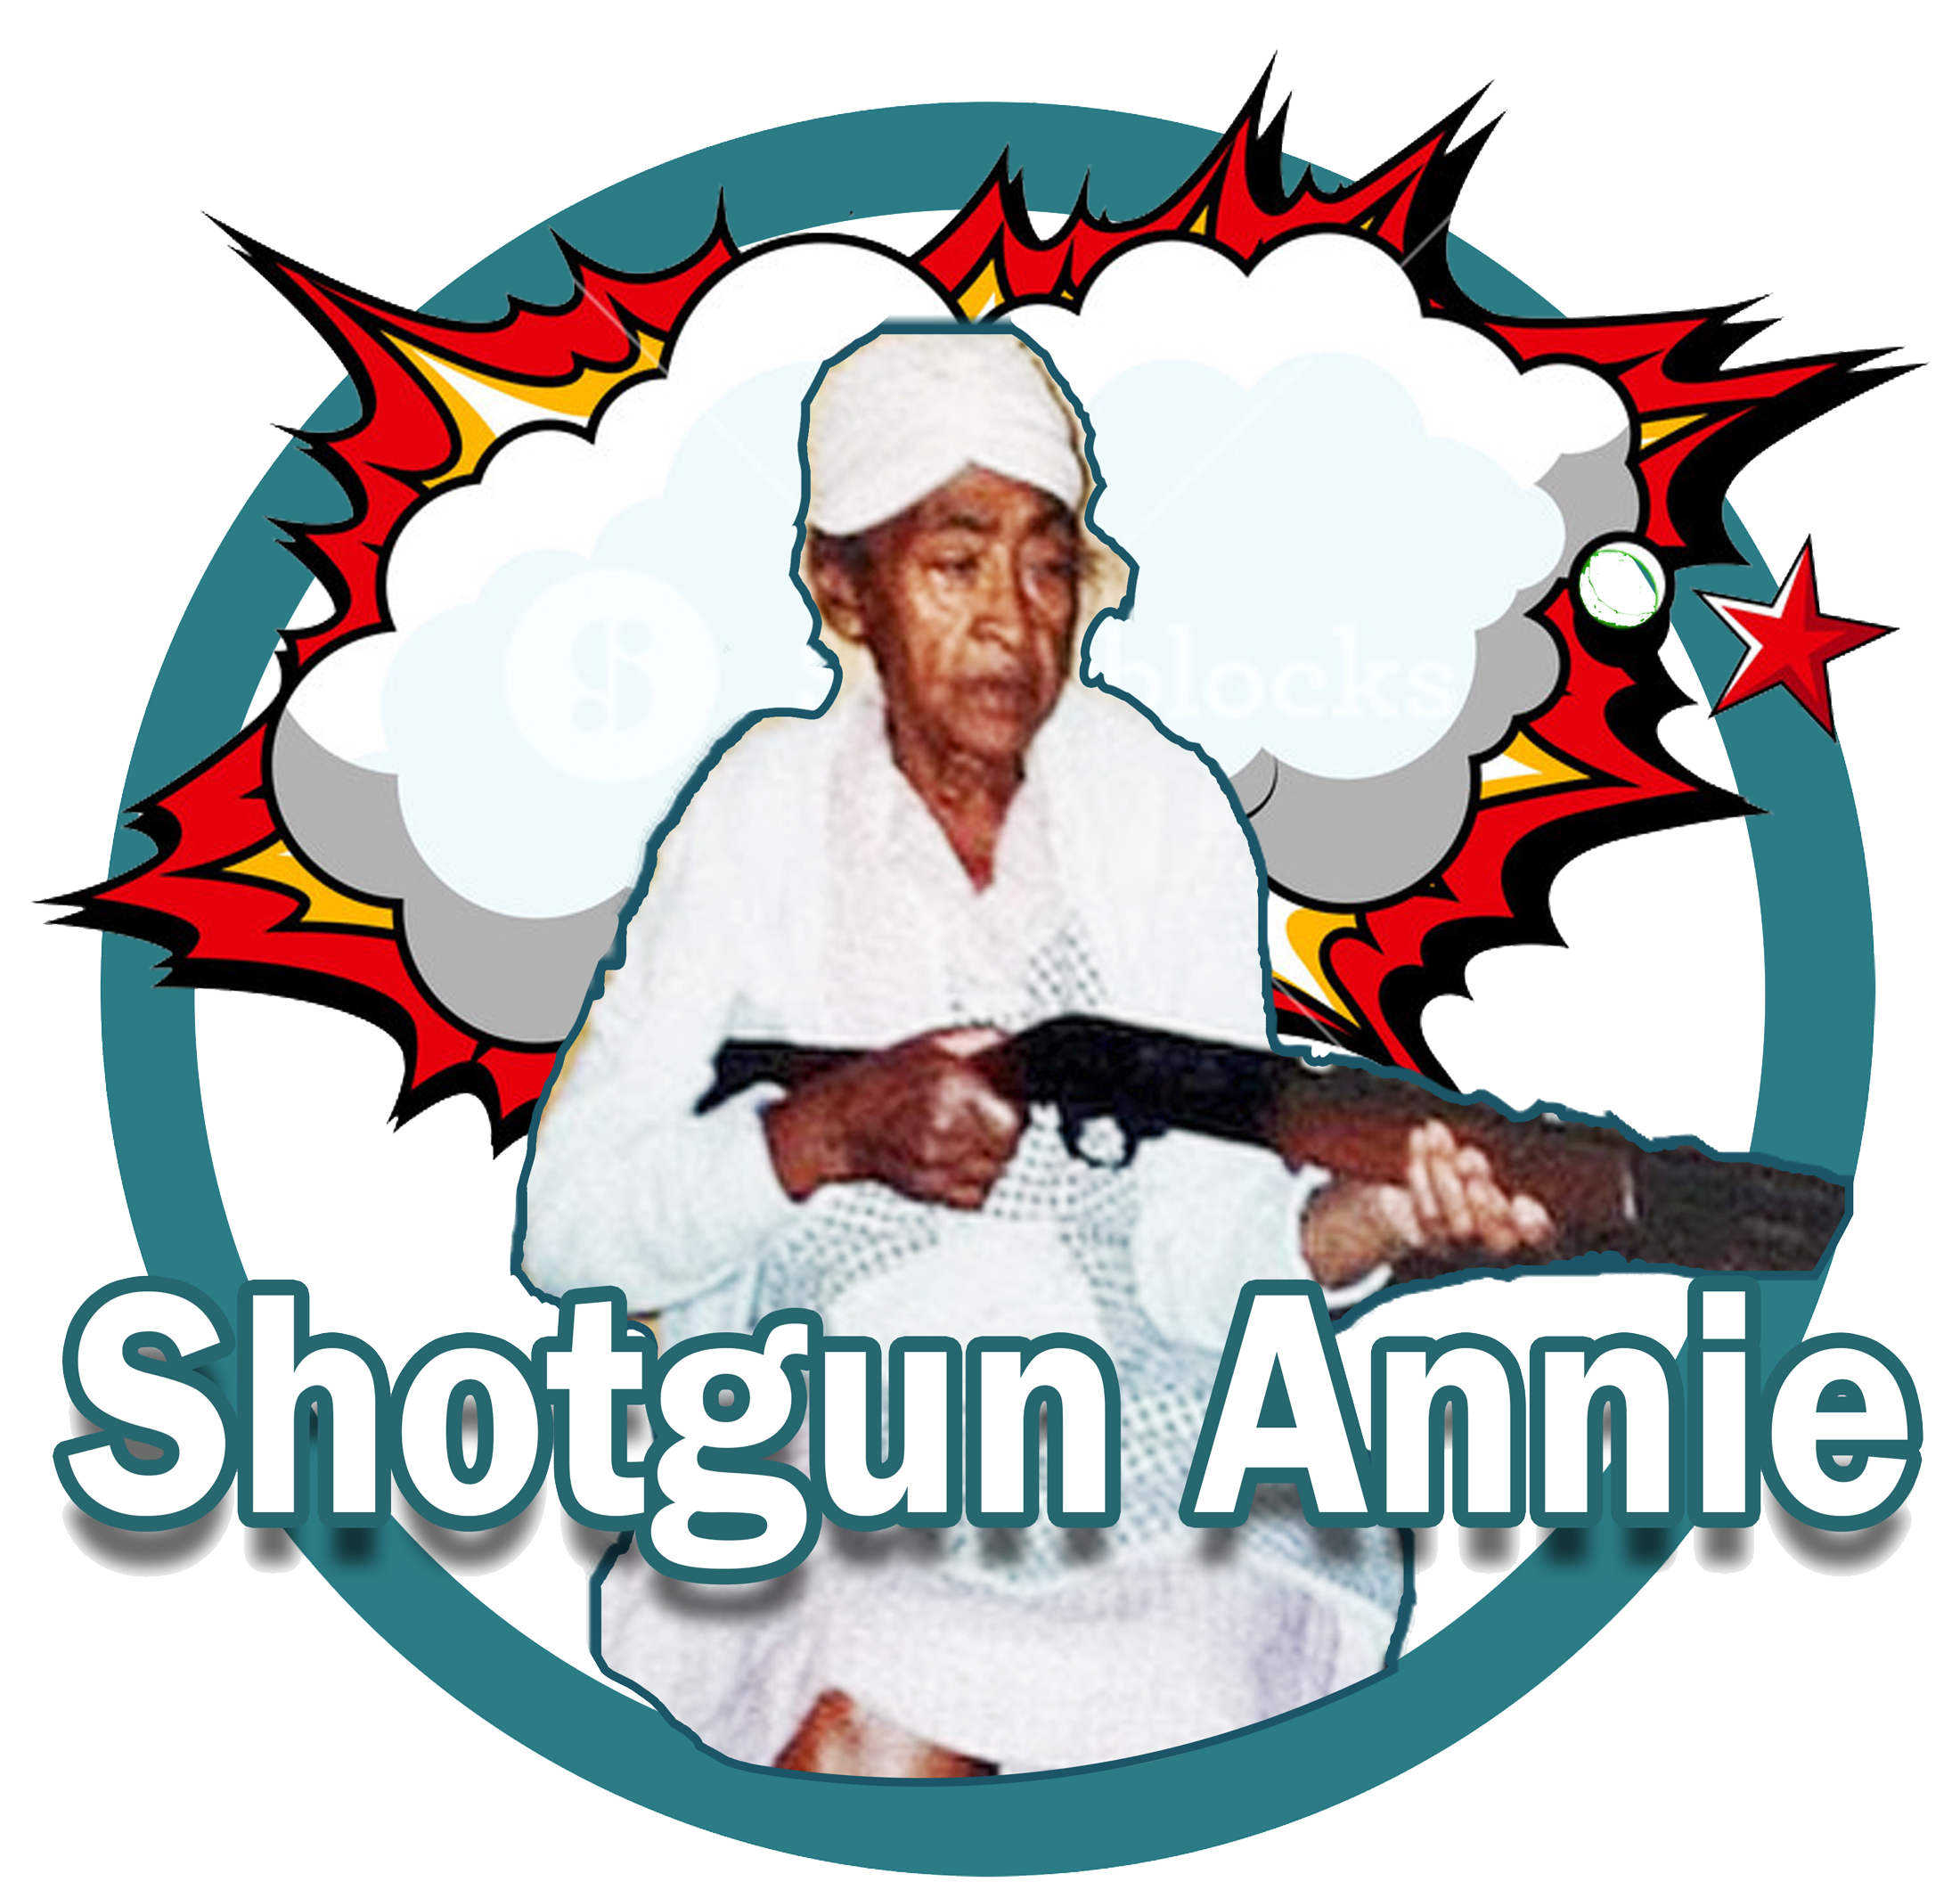 Conversation with Shotgun Annie